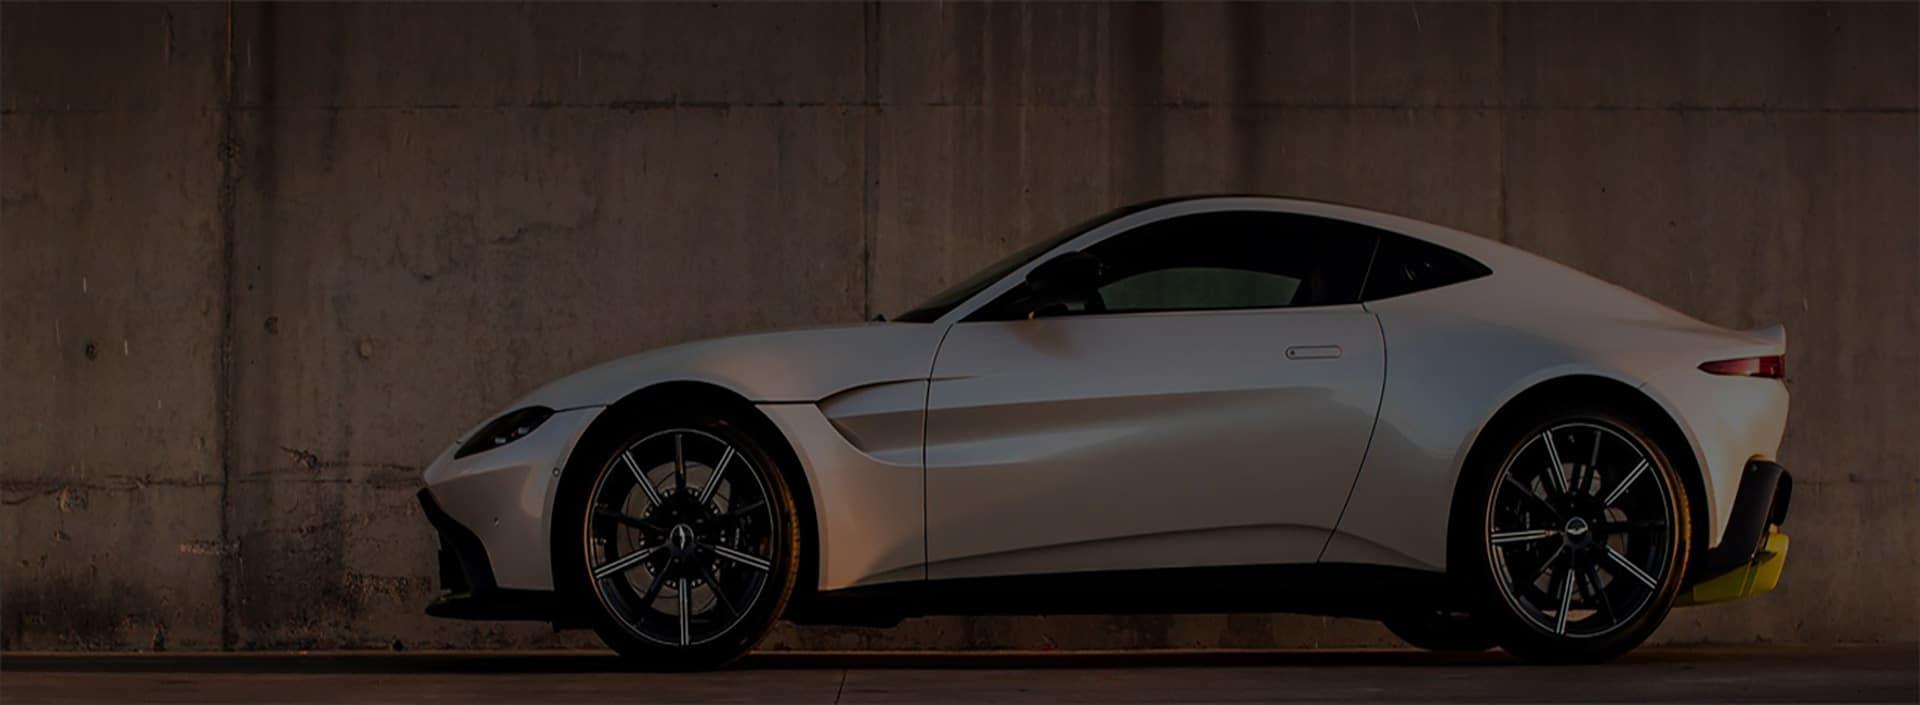 Aston Martin Houston